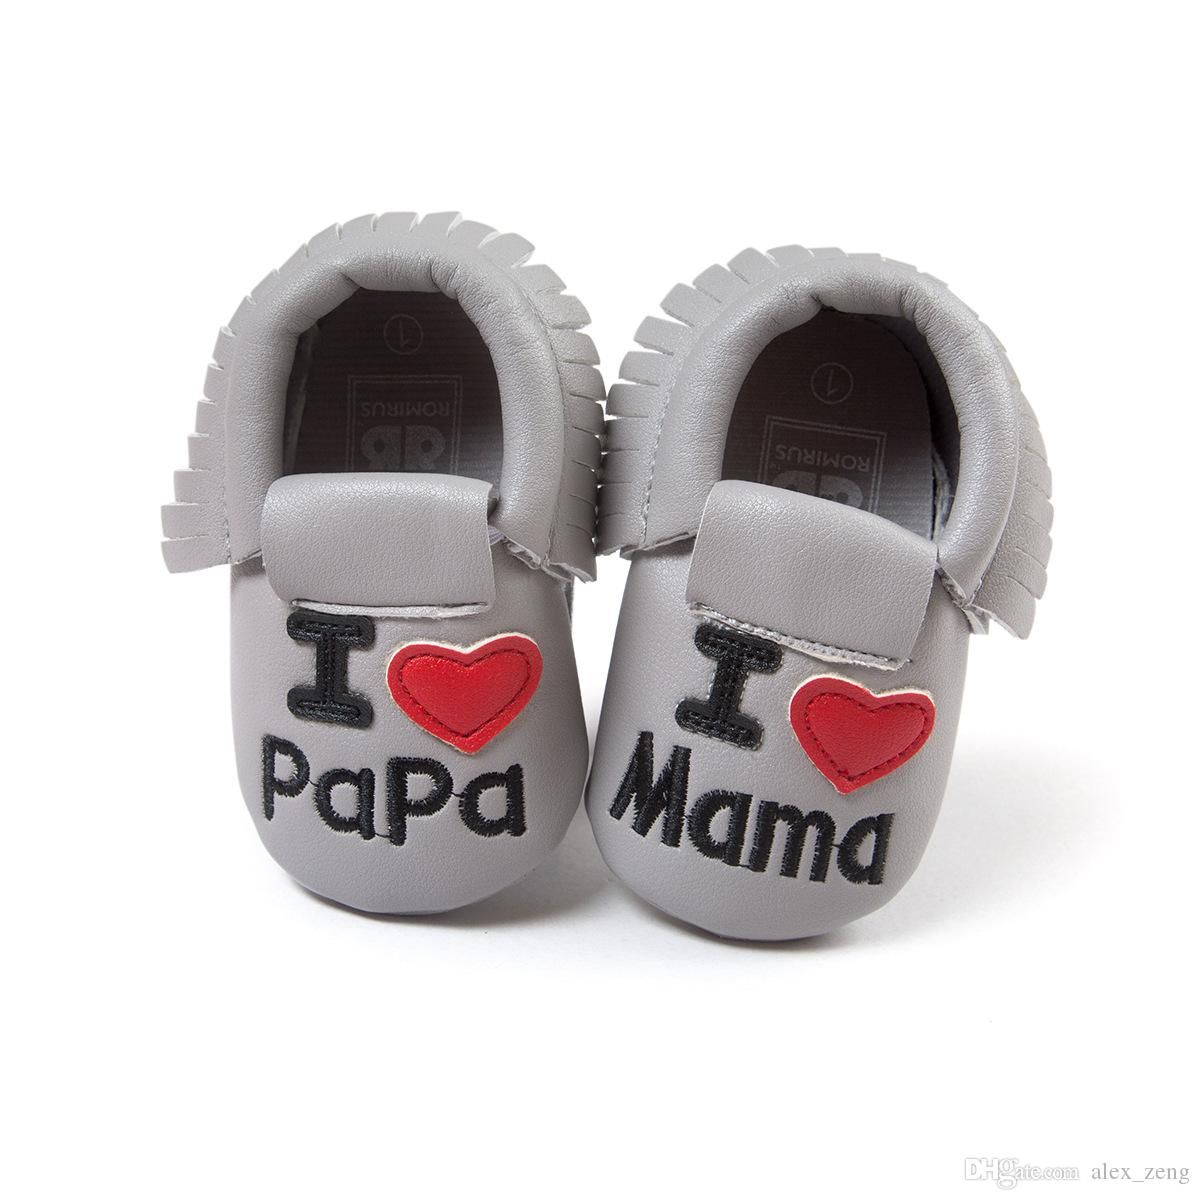 طفل الأخفاف اللحية الناعمة الوحيد بو الجلود الأولى ووكر أحذية بابا ماما الطباعة الوليد القوس الشرابة الخف أحذية الأطفال الصغار 8 اللون الحرة ems